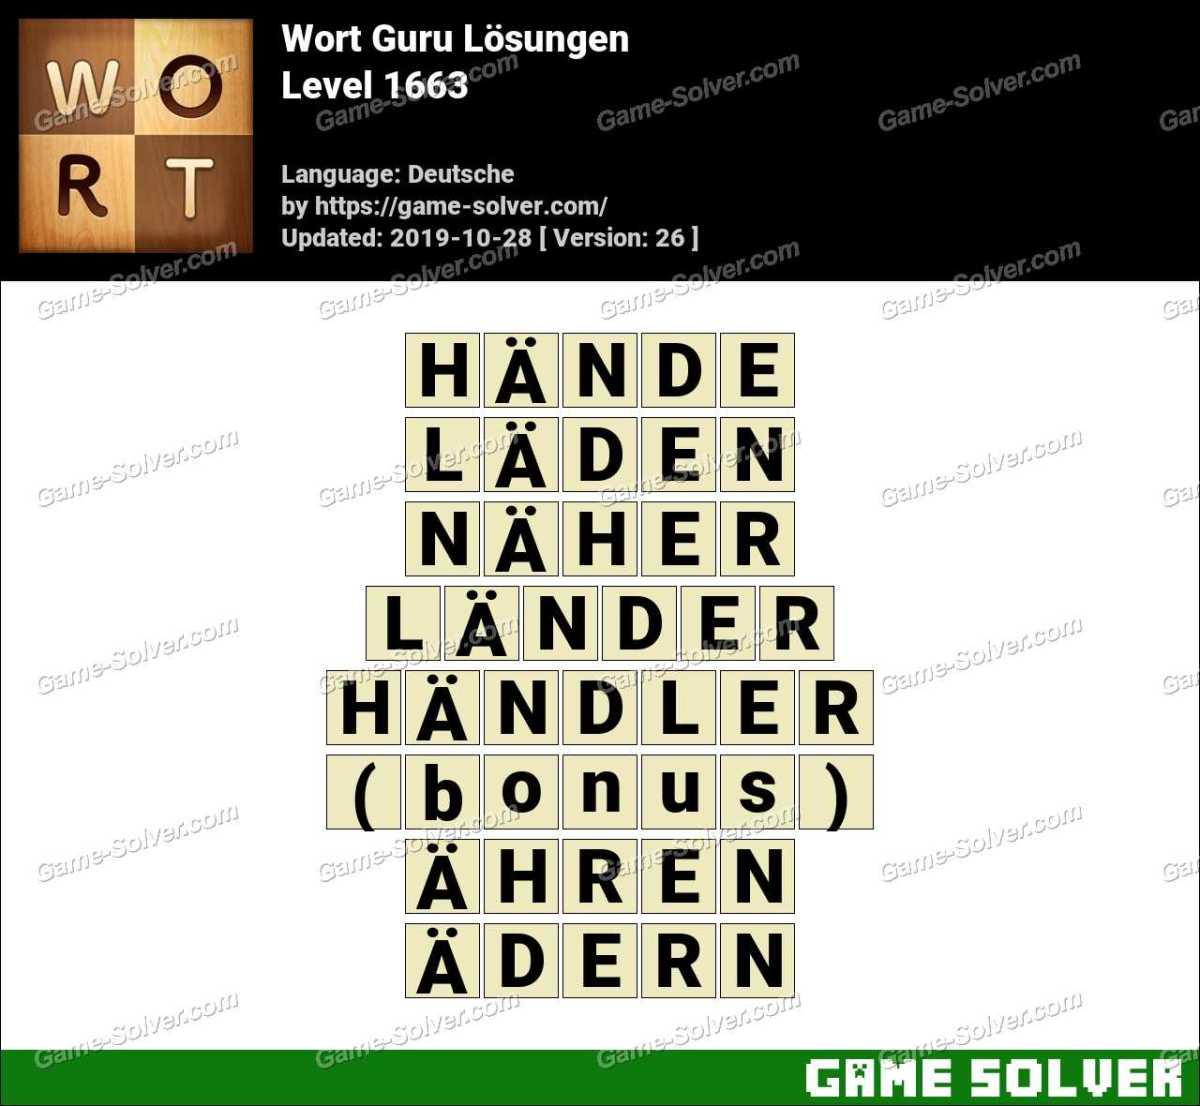 Wort Guru Level 1663 Lösungen